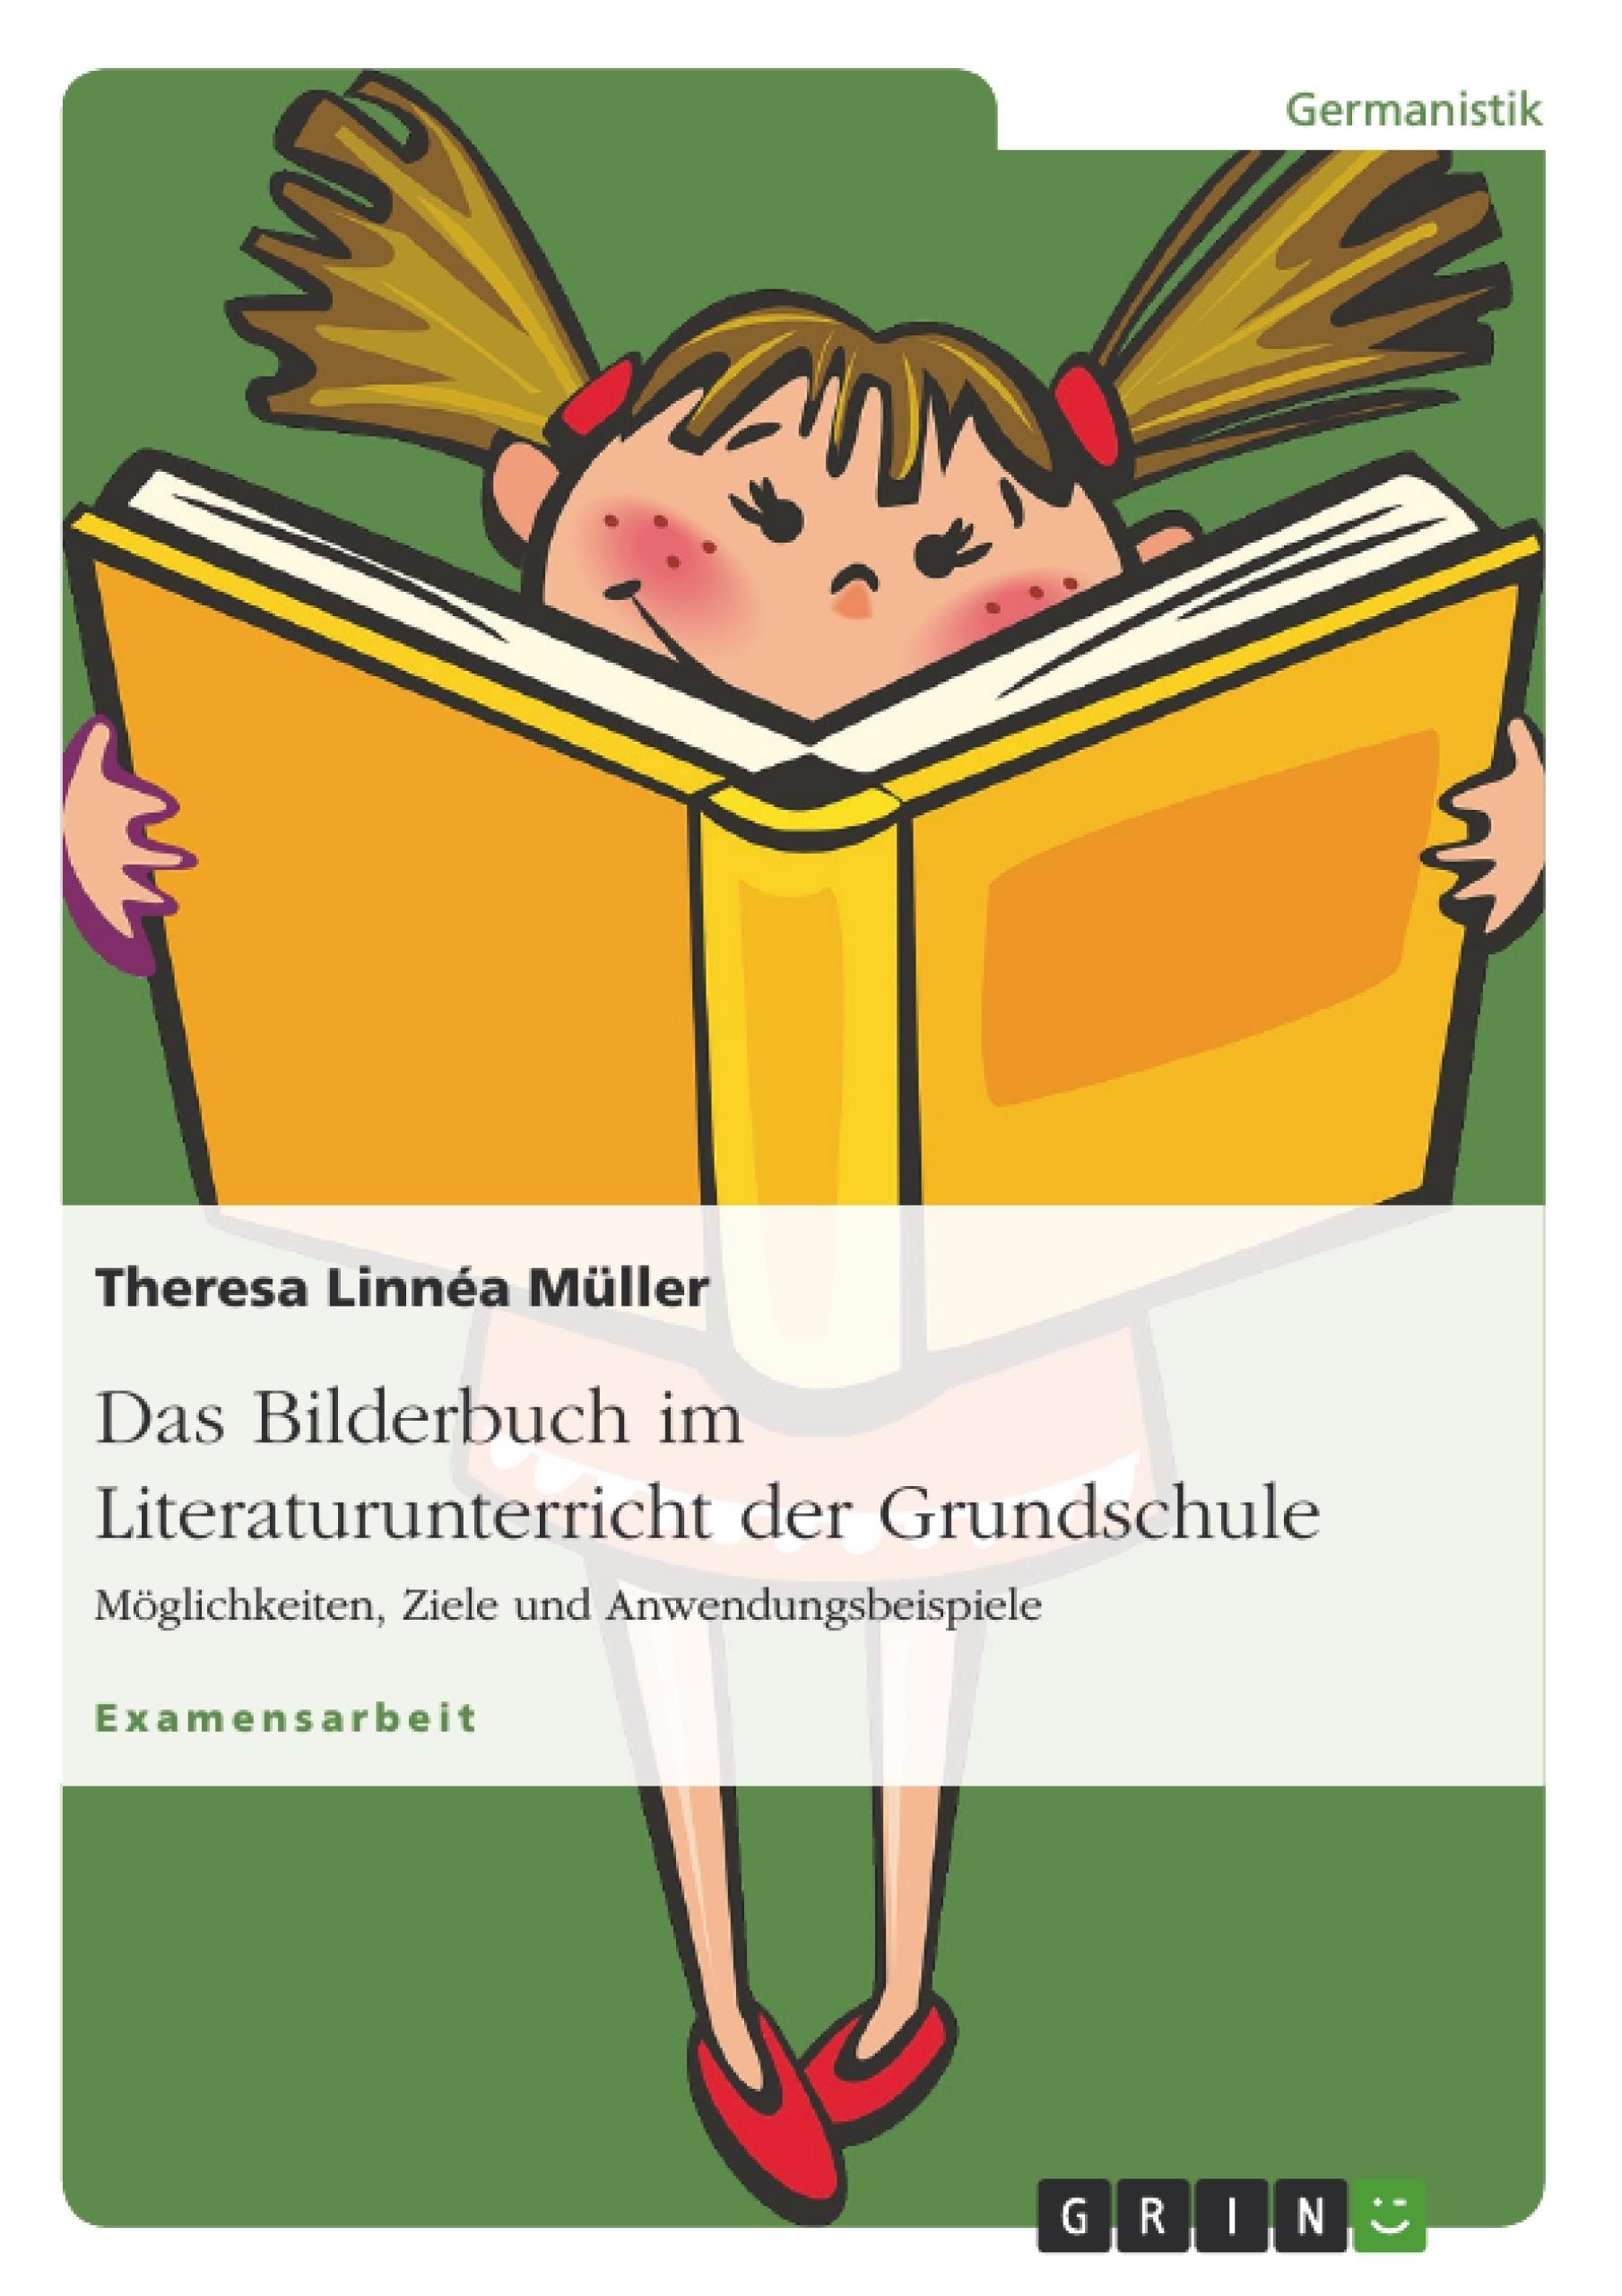 Titel: Das Bilderbuch im Literaturunterricht der Grundschule